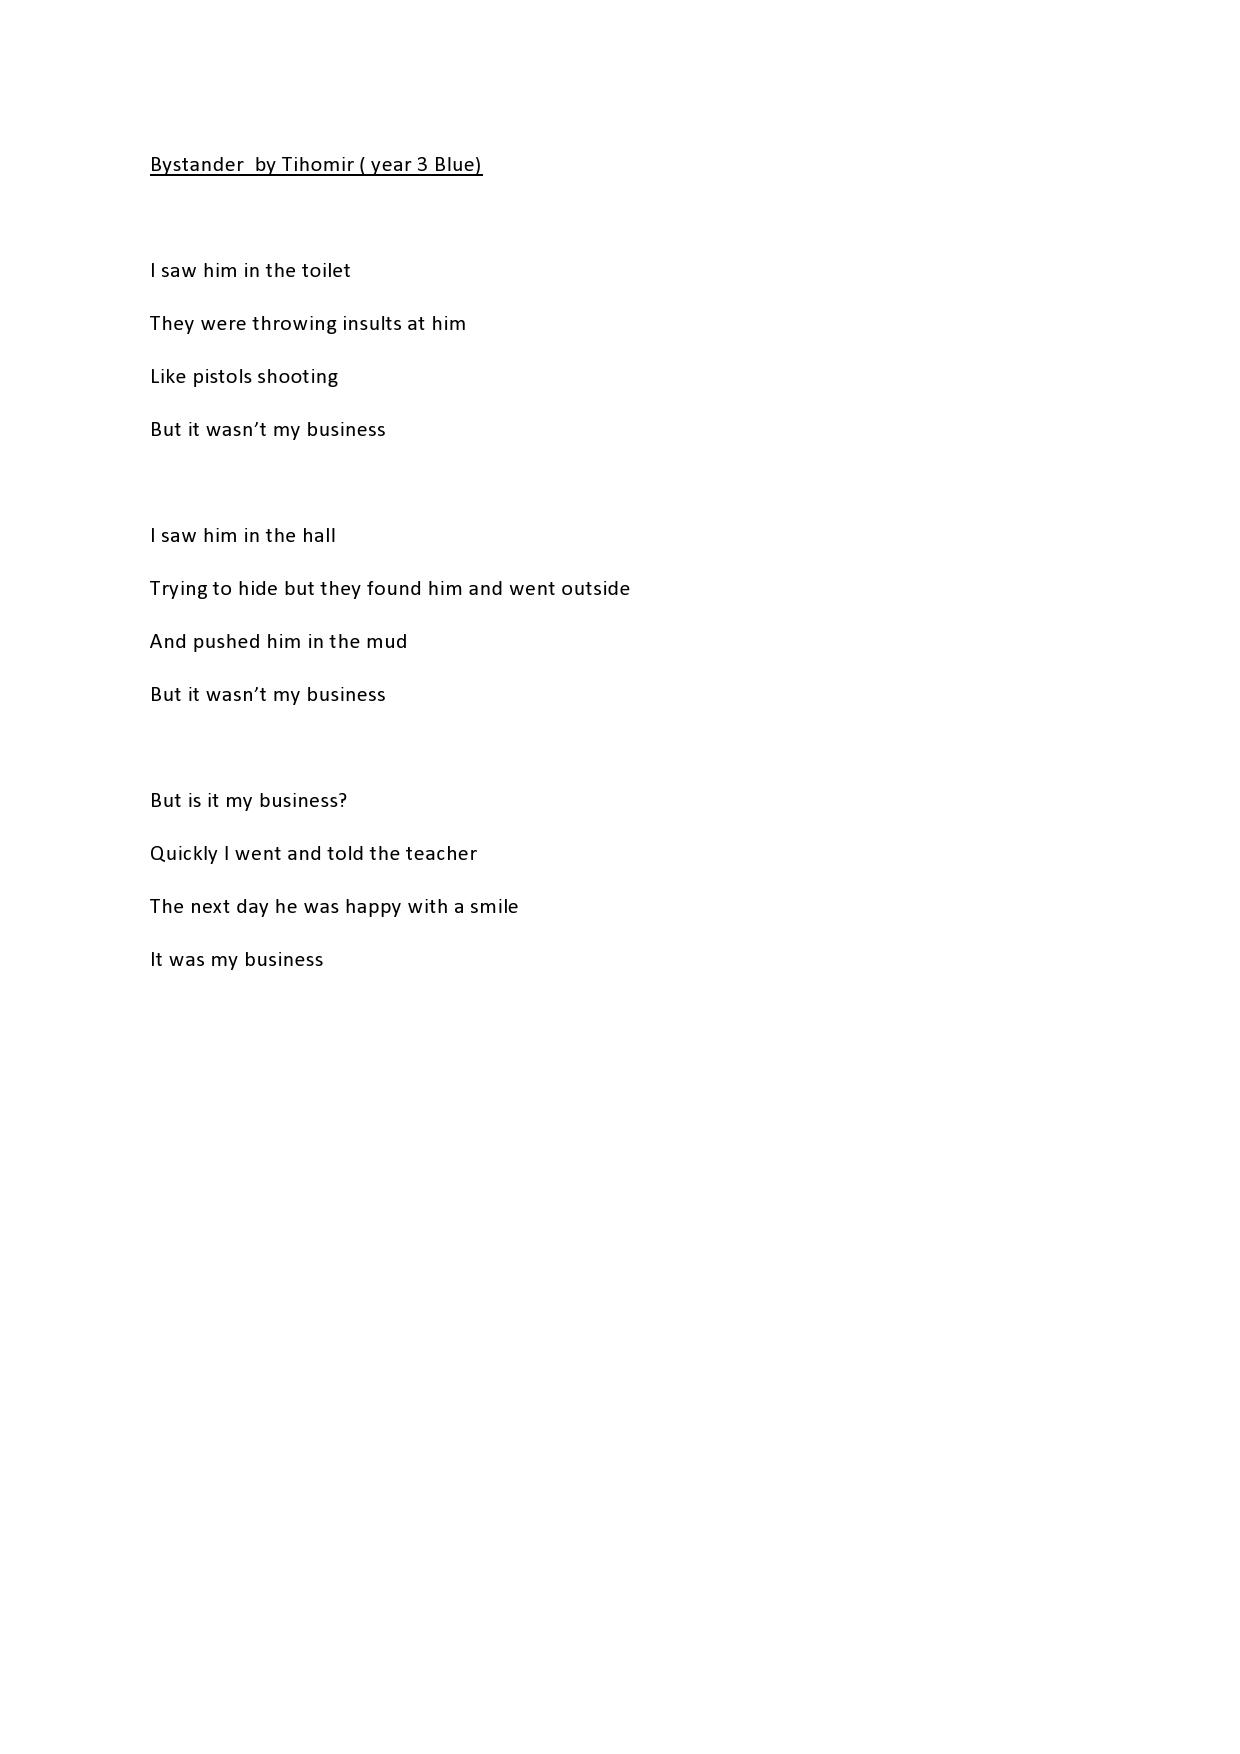 Bystander  by Tihomir 3 Blue-page0001.jpg